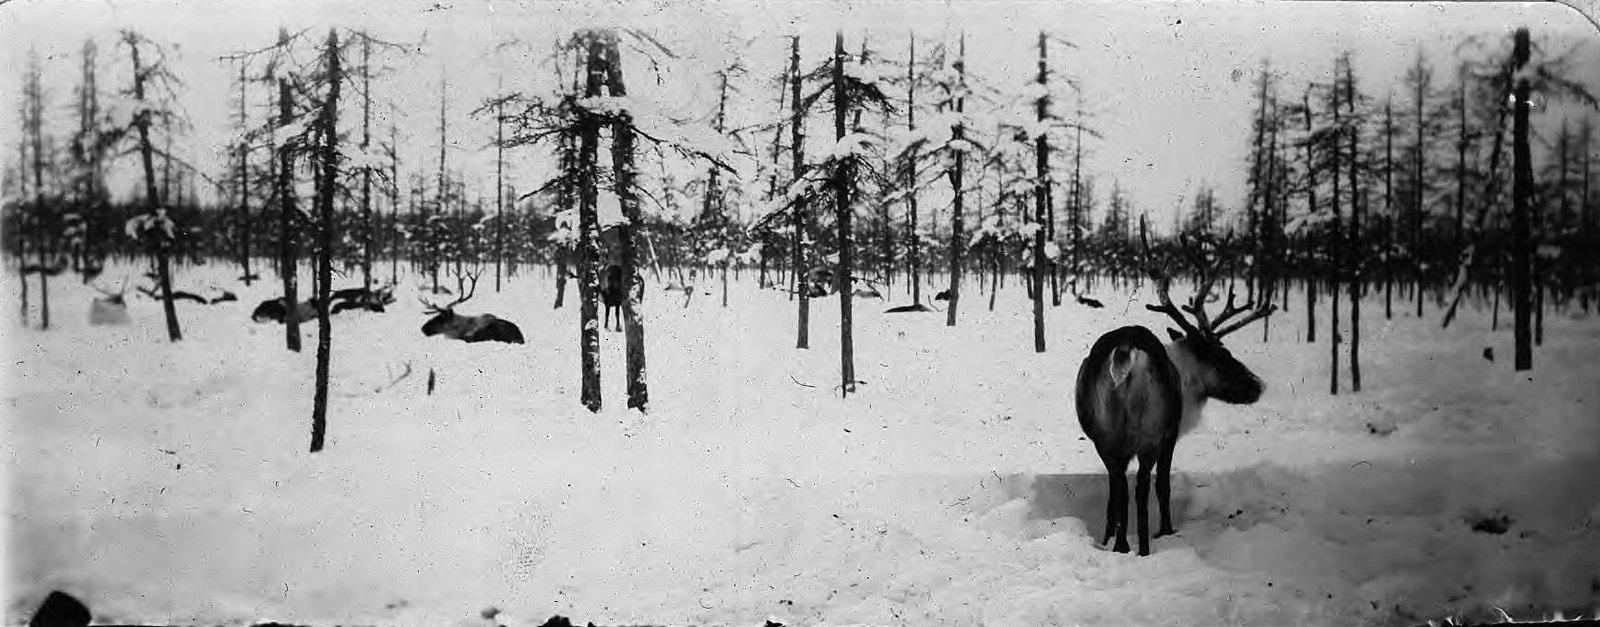 Булун-Казачье-Абый-Среднеколымский путь. Олени в лесу